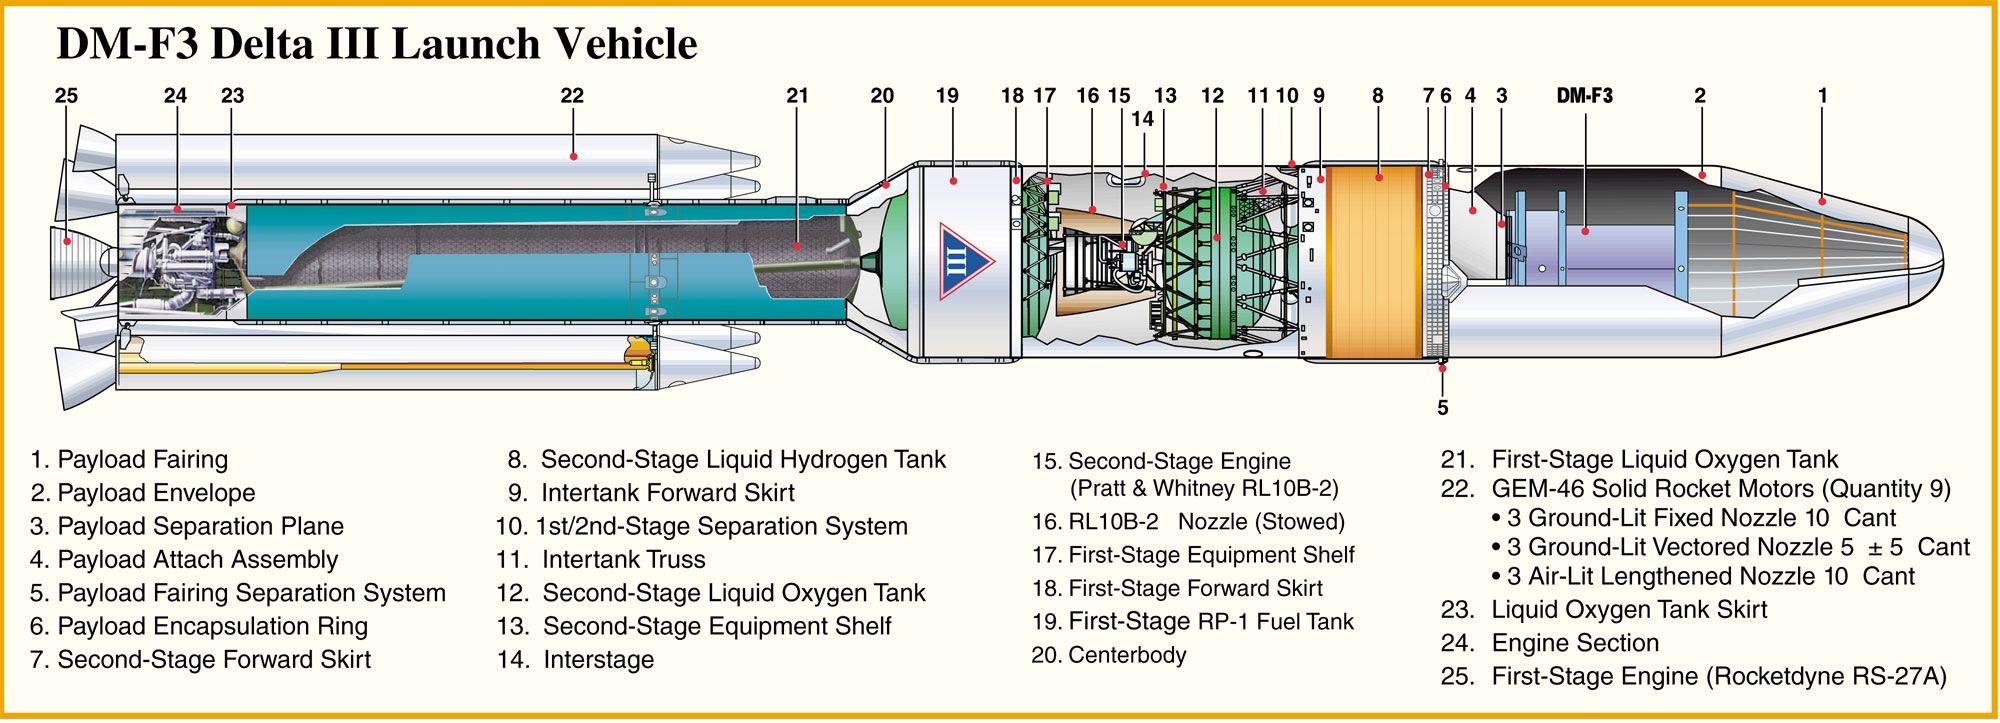 DM-F3 Delta III Launch Vehicle | Aerospace cutaways and ...